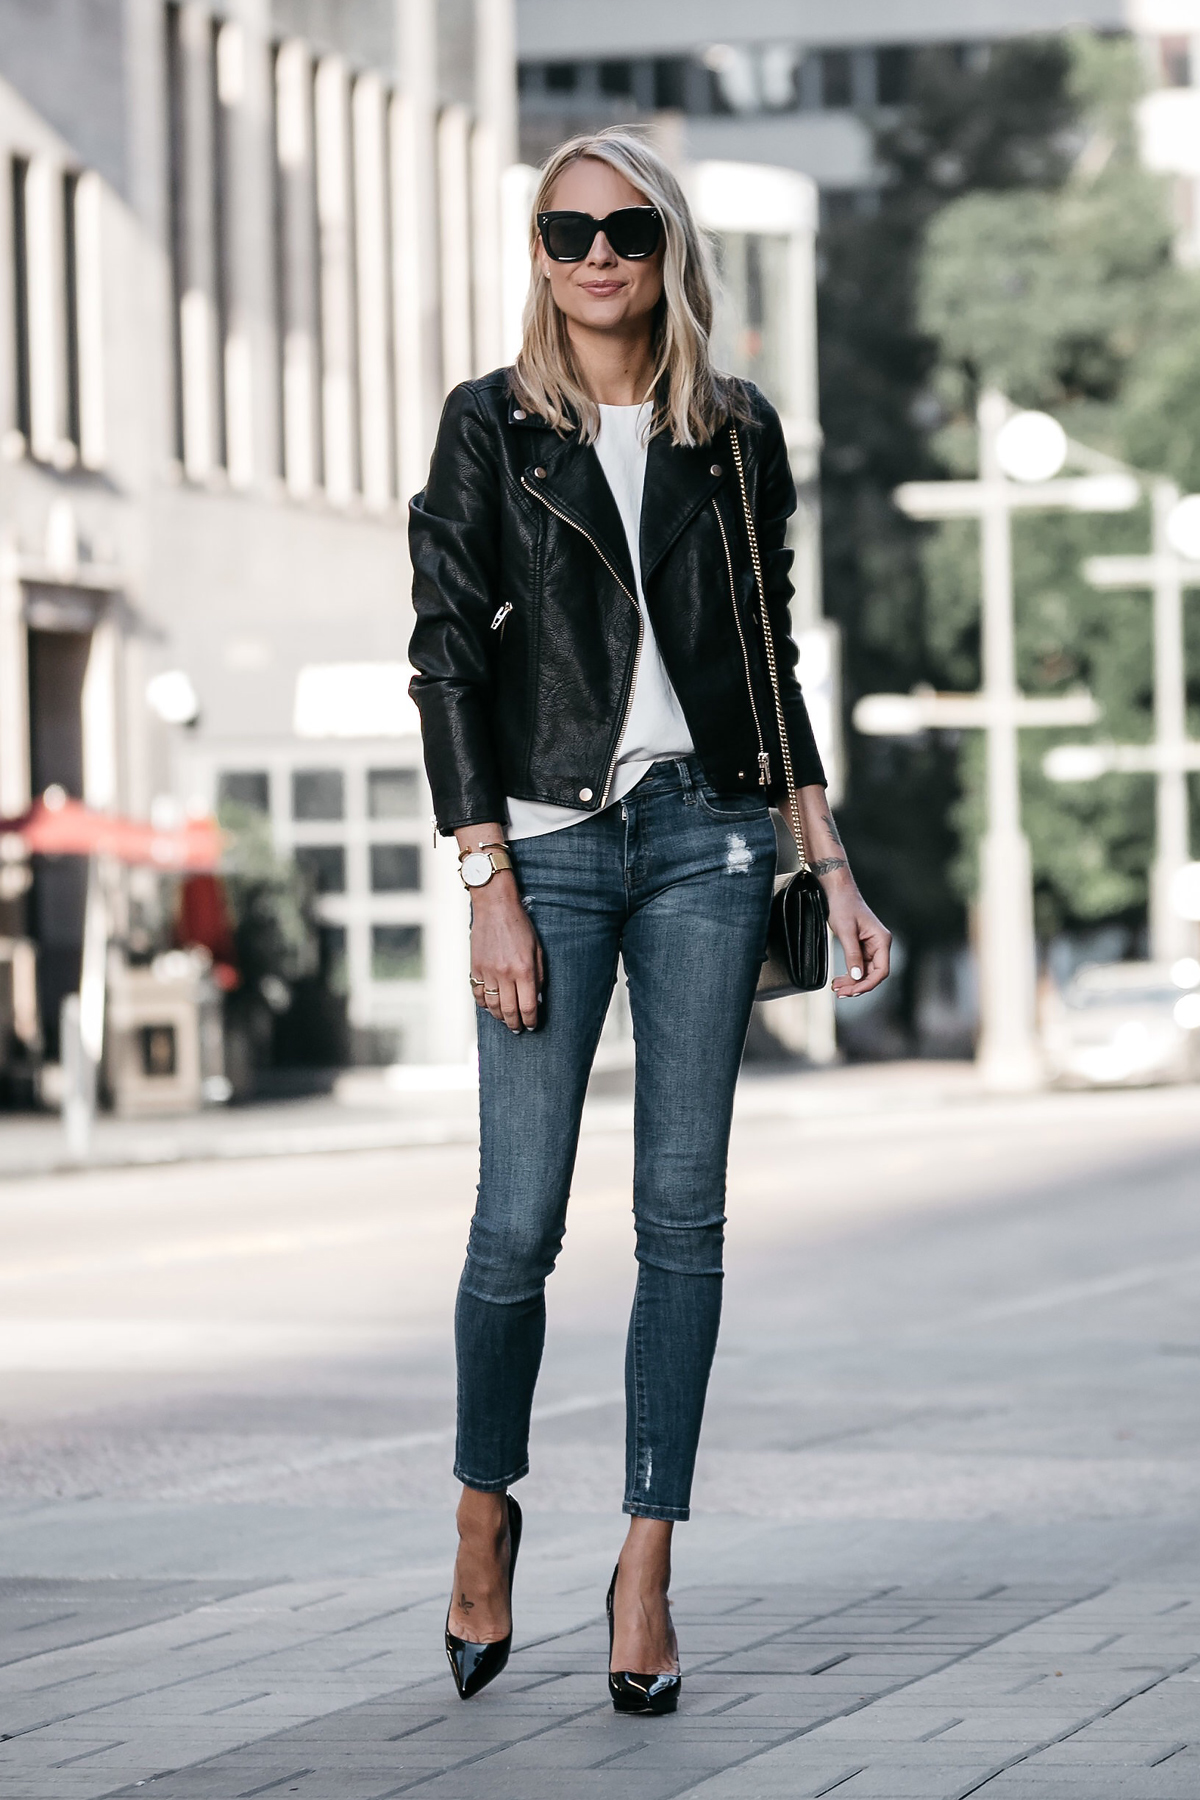 món đồ thời trang dễ nhầm lẫn áo khoác da đen